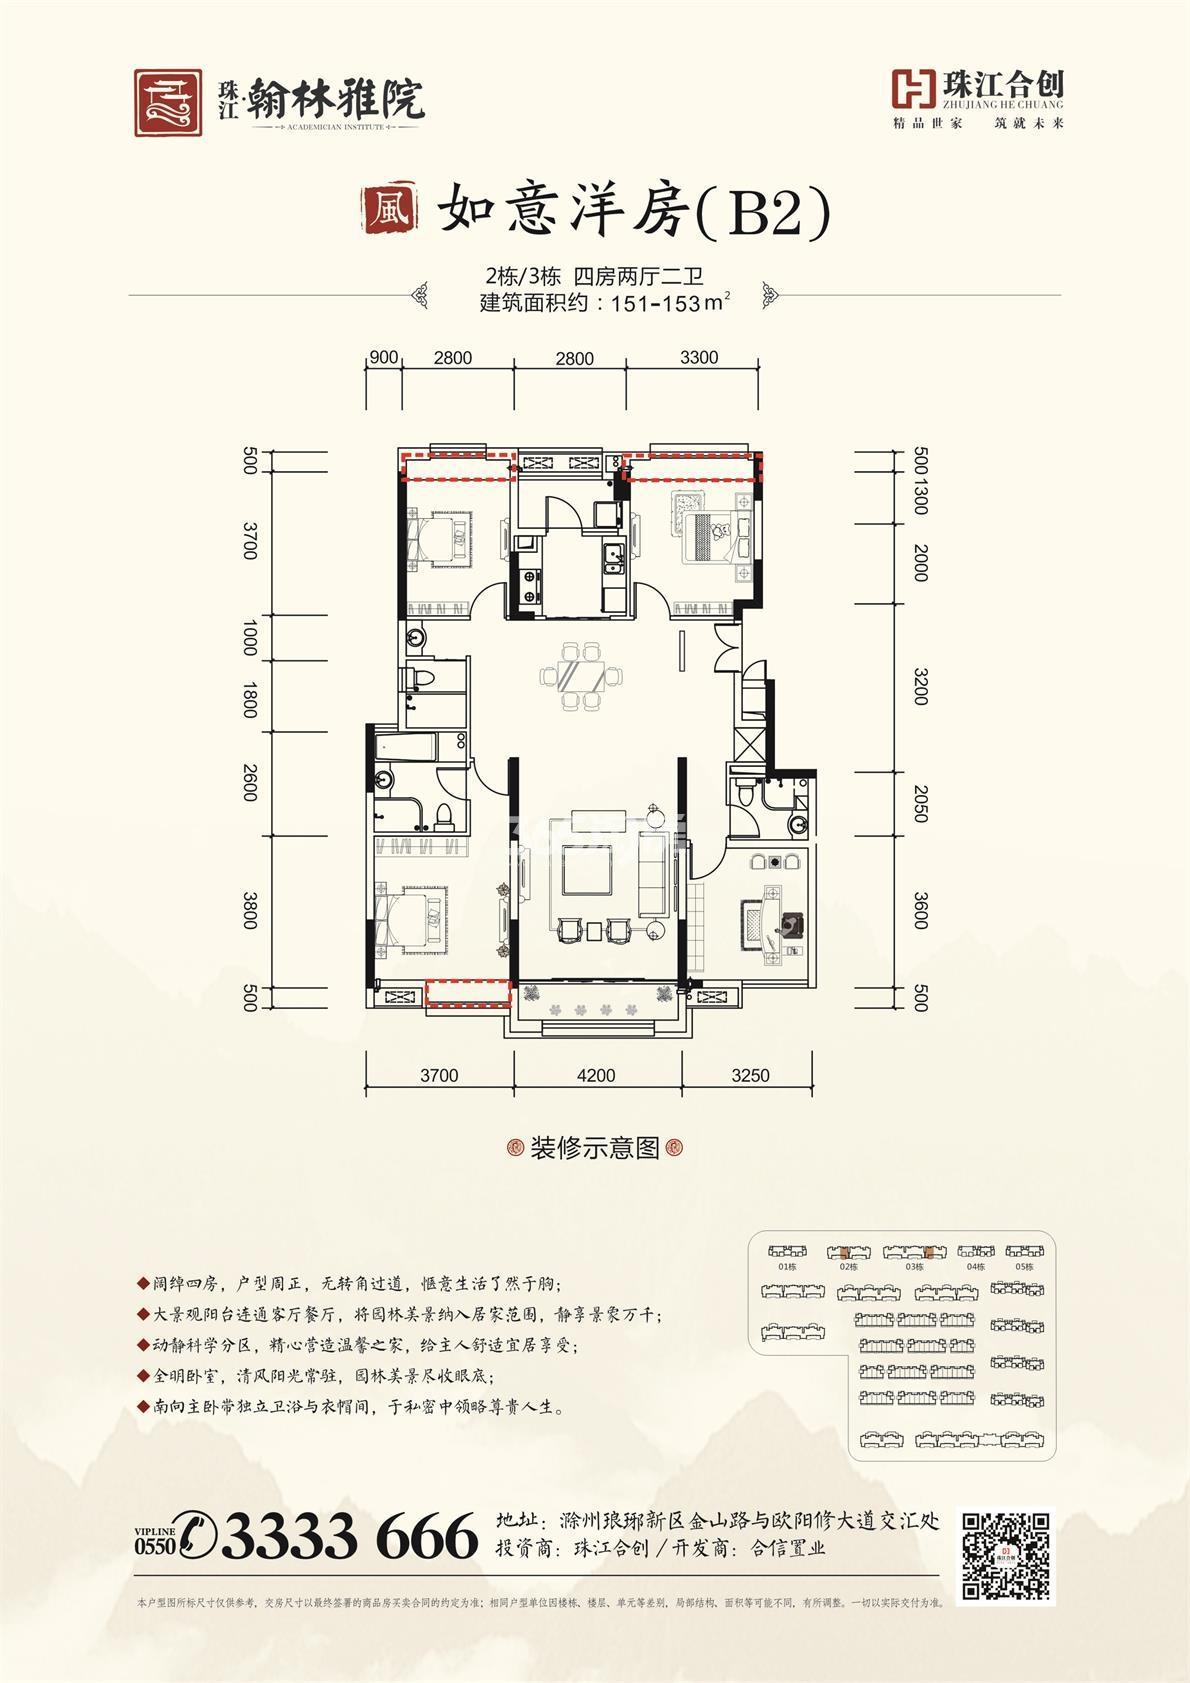 珠江翰林雅院 如意洋房b2户型